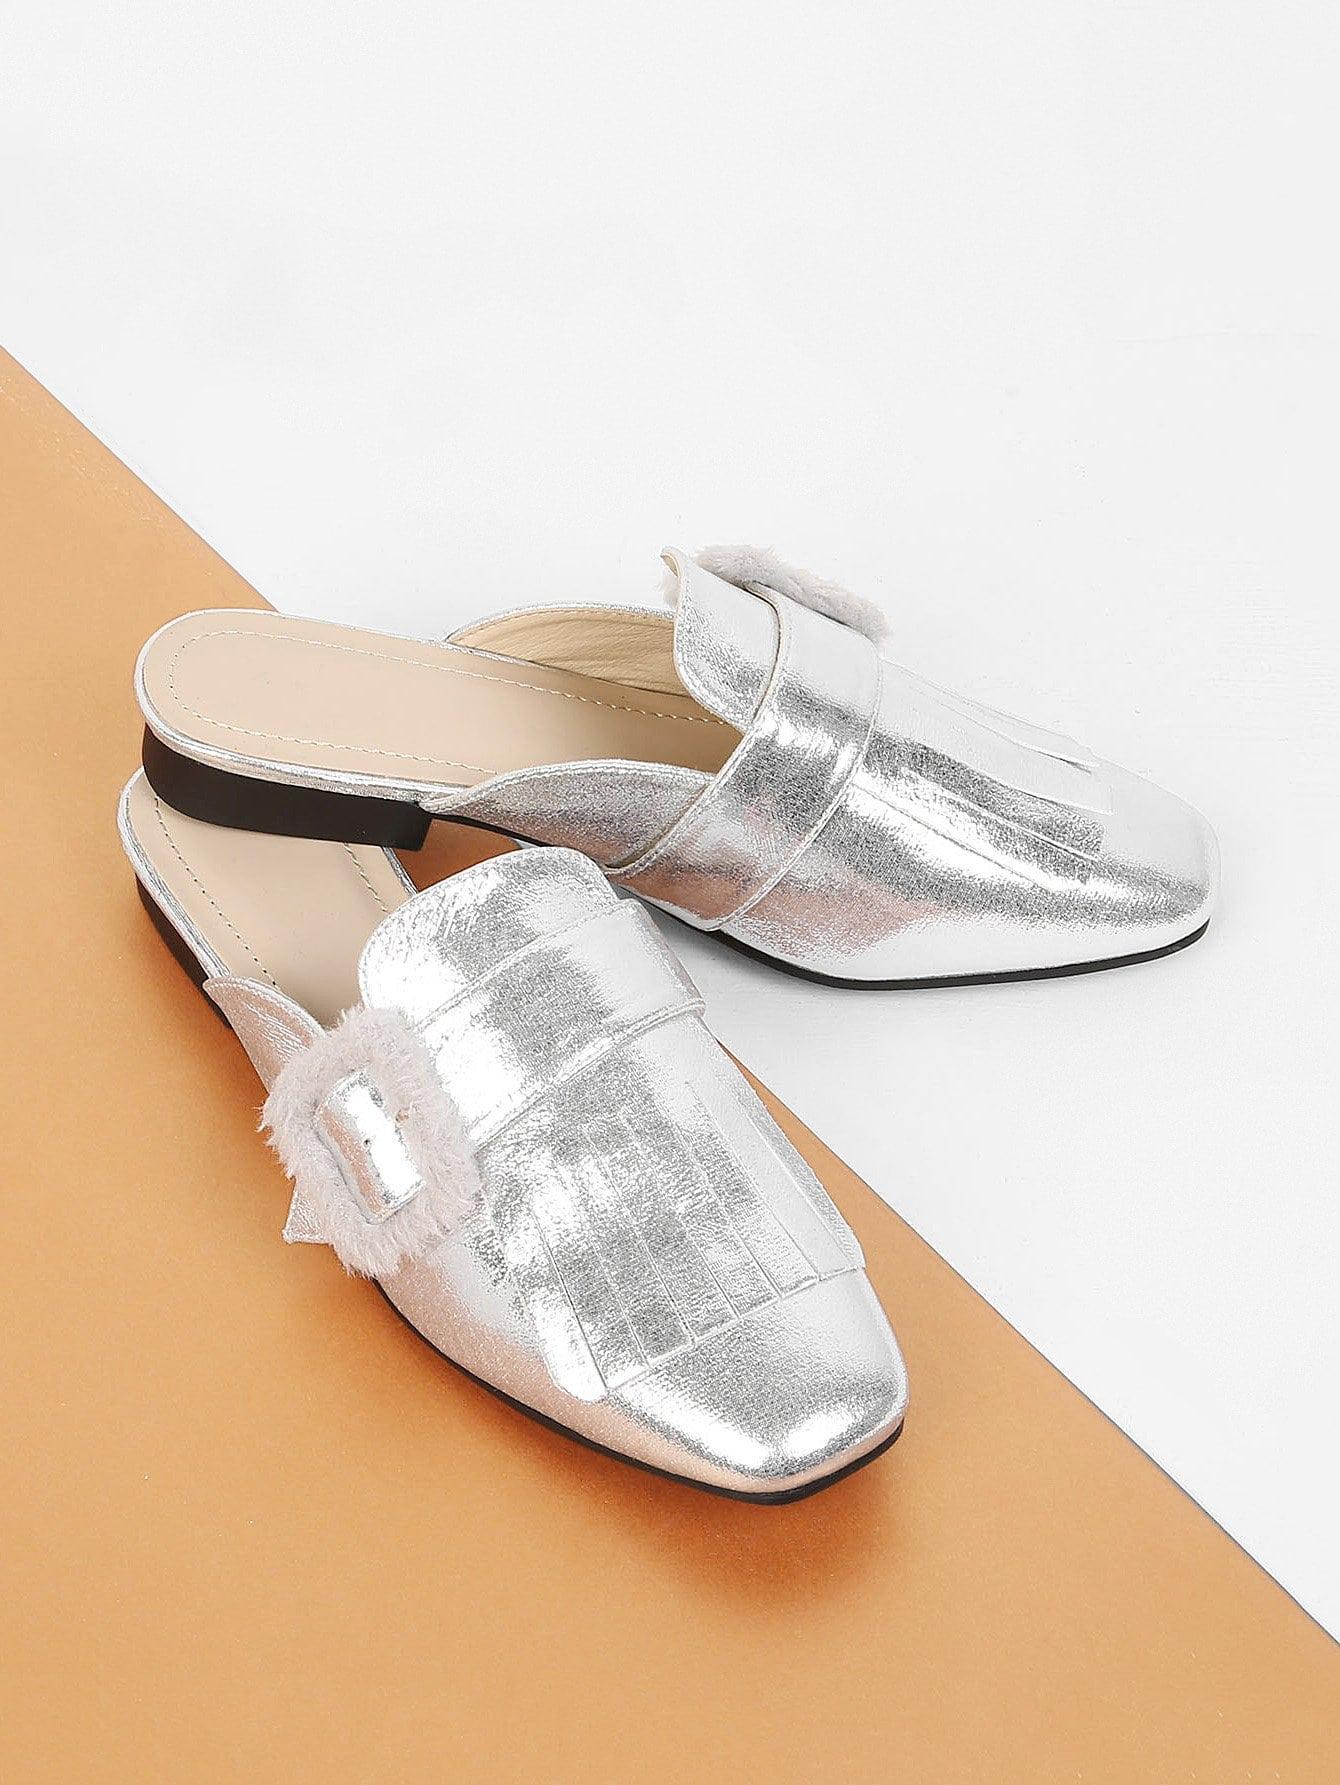 Купить Обувь на низком каблуке с жемчужинами, null, SheIn